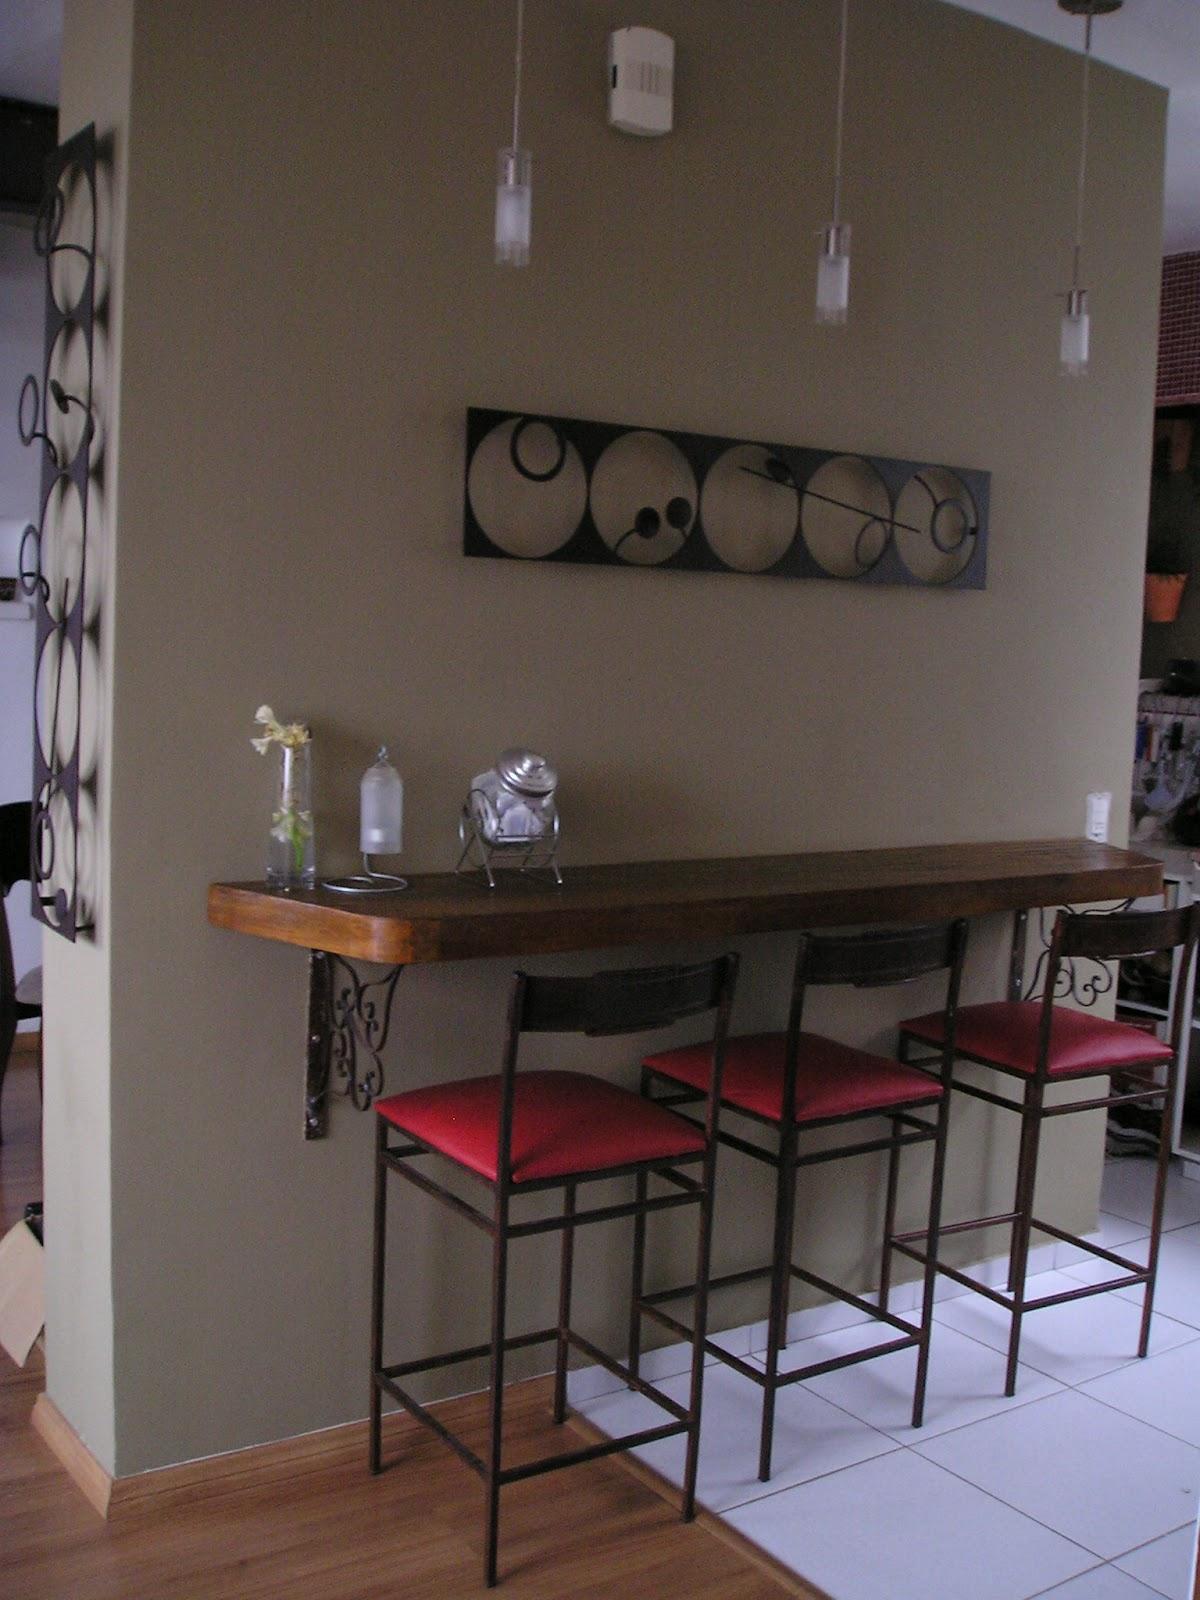 #464E85 Mais que Amélias : Bancadas de cozinha americana 1200x1600 px Bancada Cozinha Americana De Madeira #1259 imagens